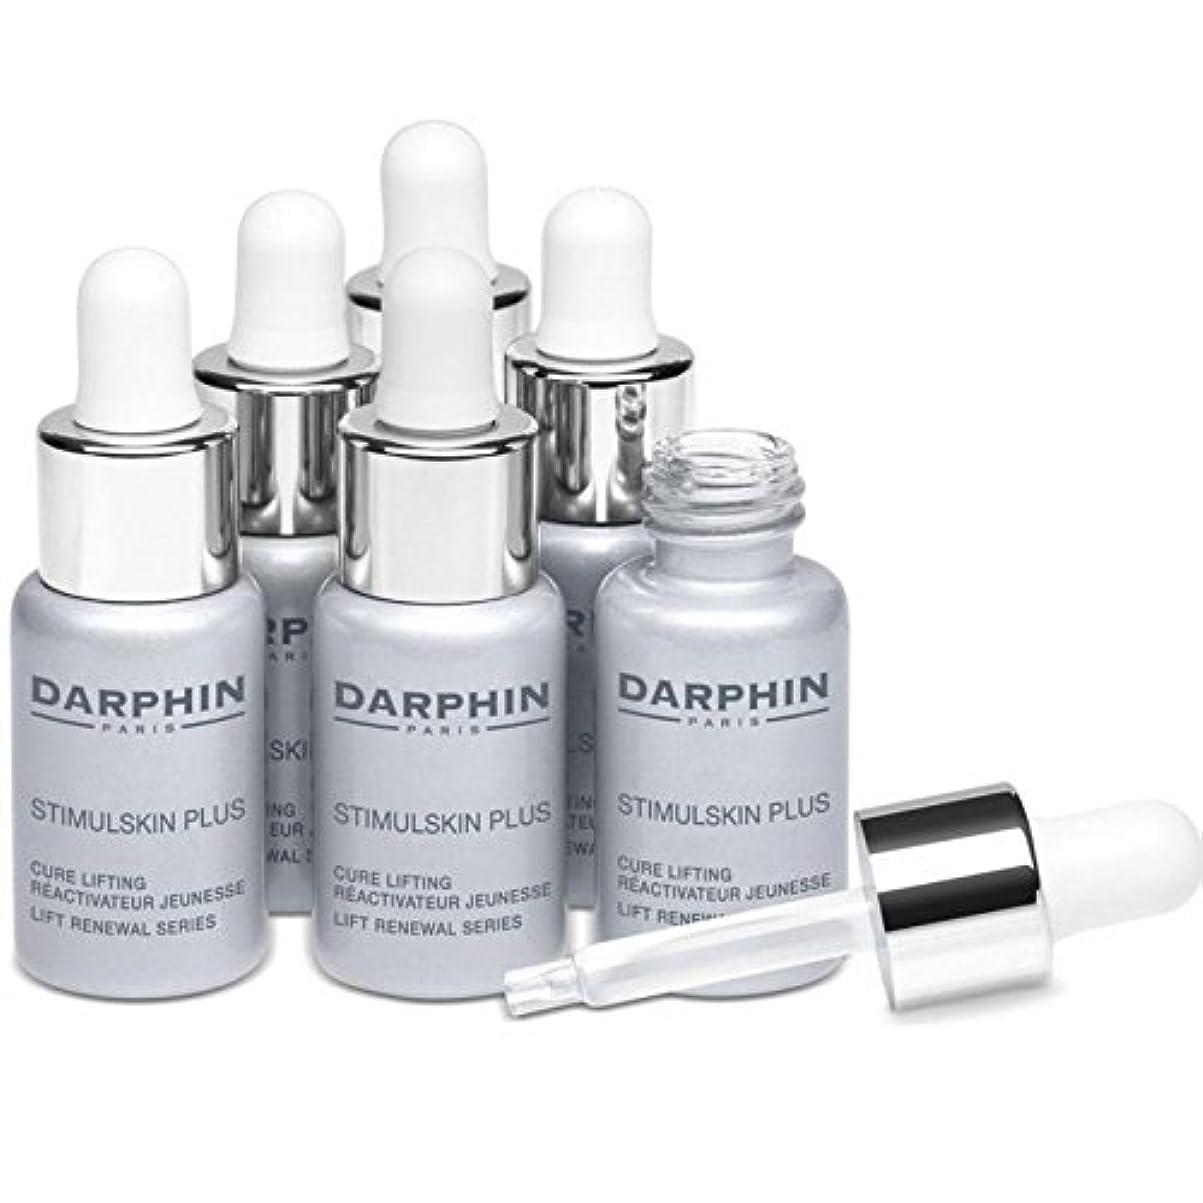 推論ネコ手配するDarphin Stimulskin Plus Lift Renewal Series (Pack of 6) - ダルファンスティプラスリフトリニューアルシリーズ x6 [並行輸入品]